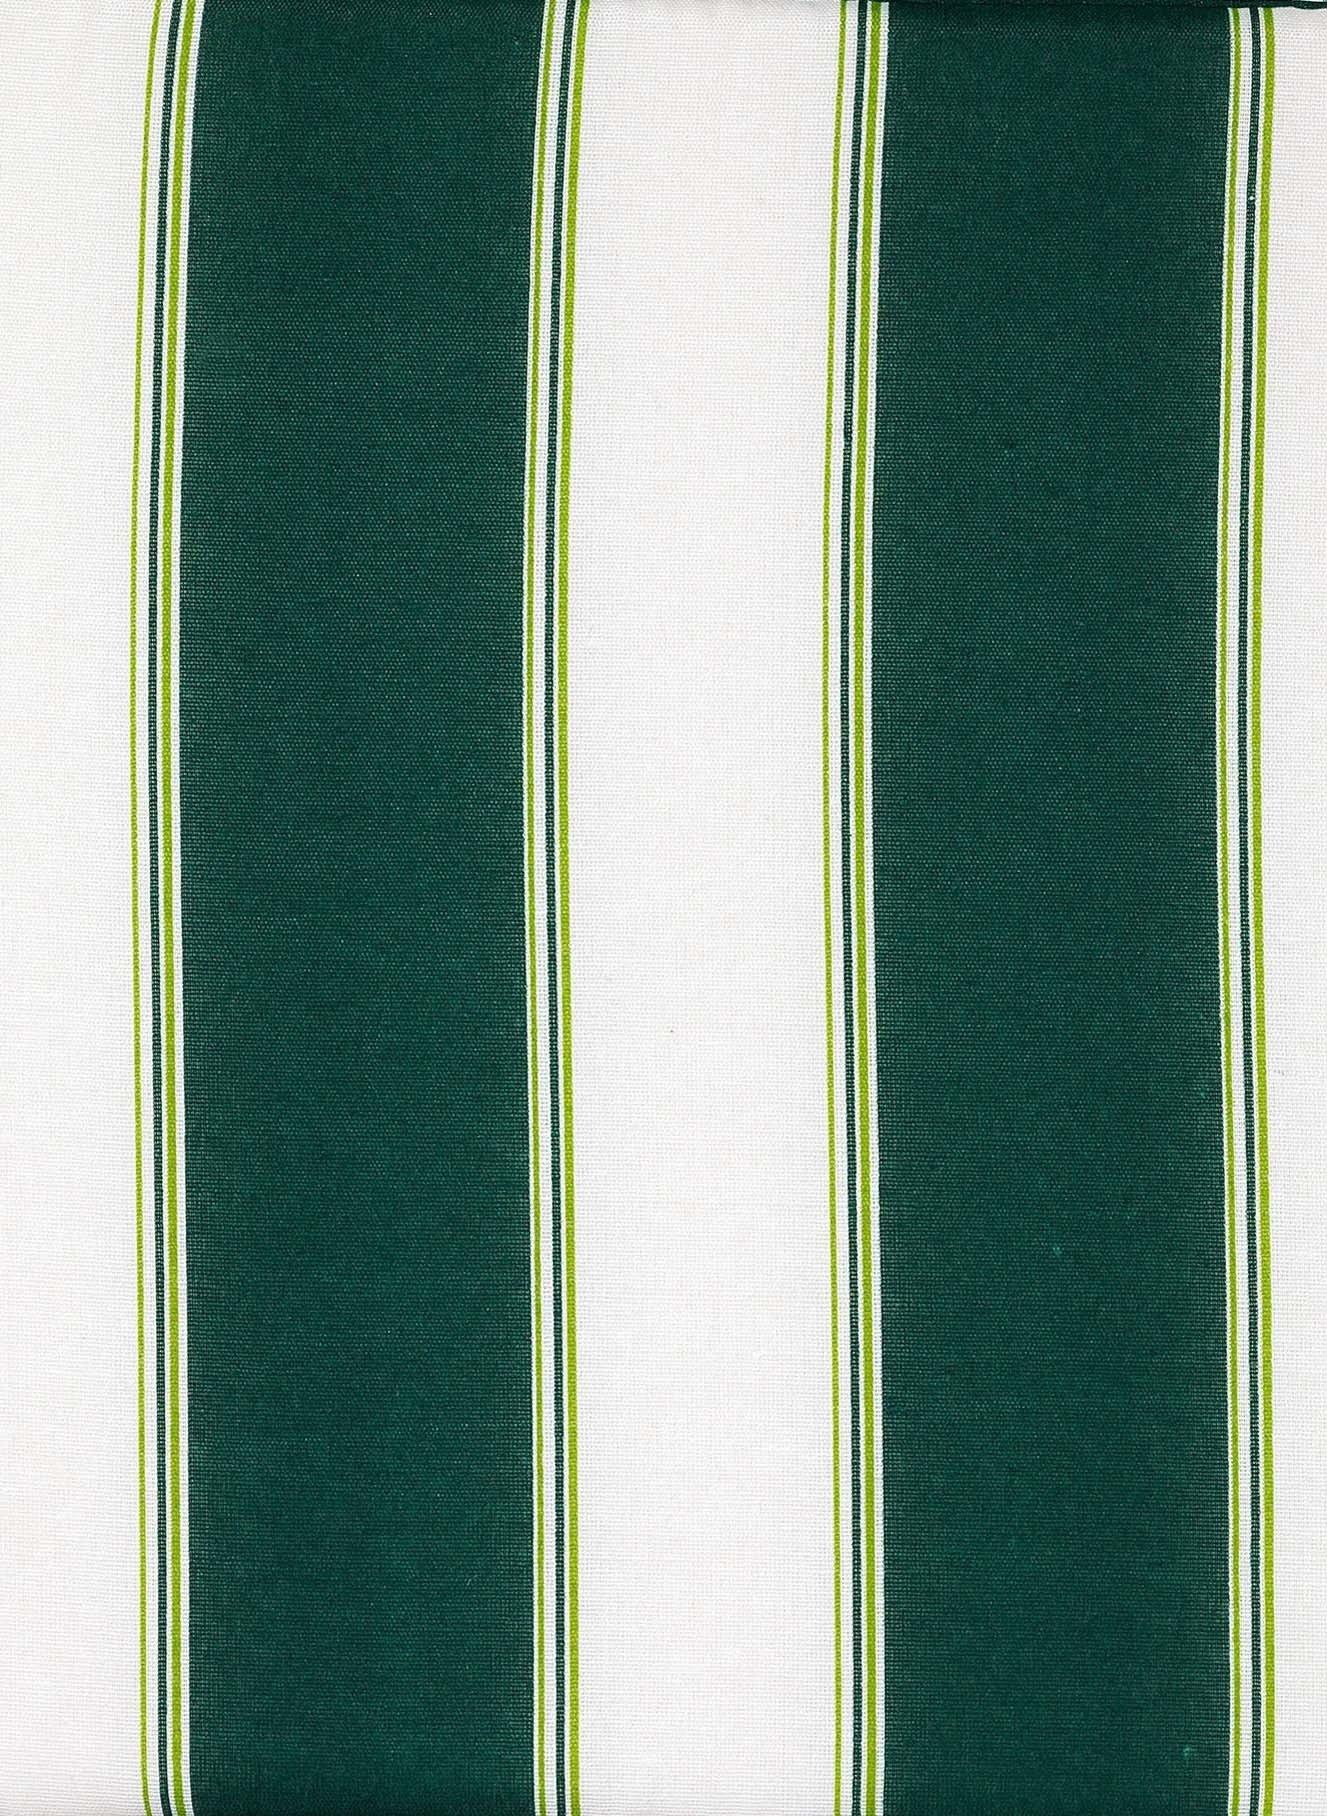 Coussins-dossier haut vert